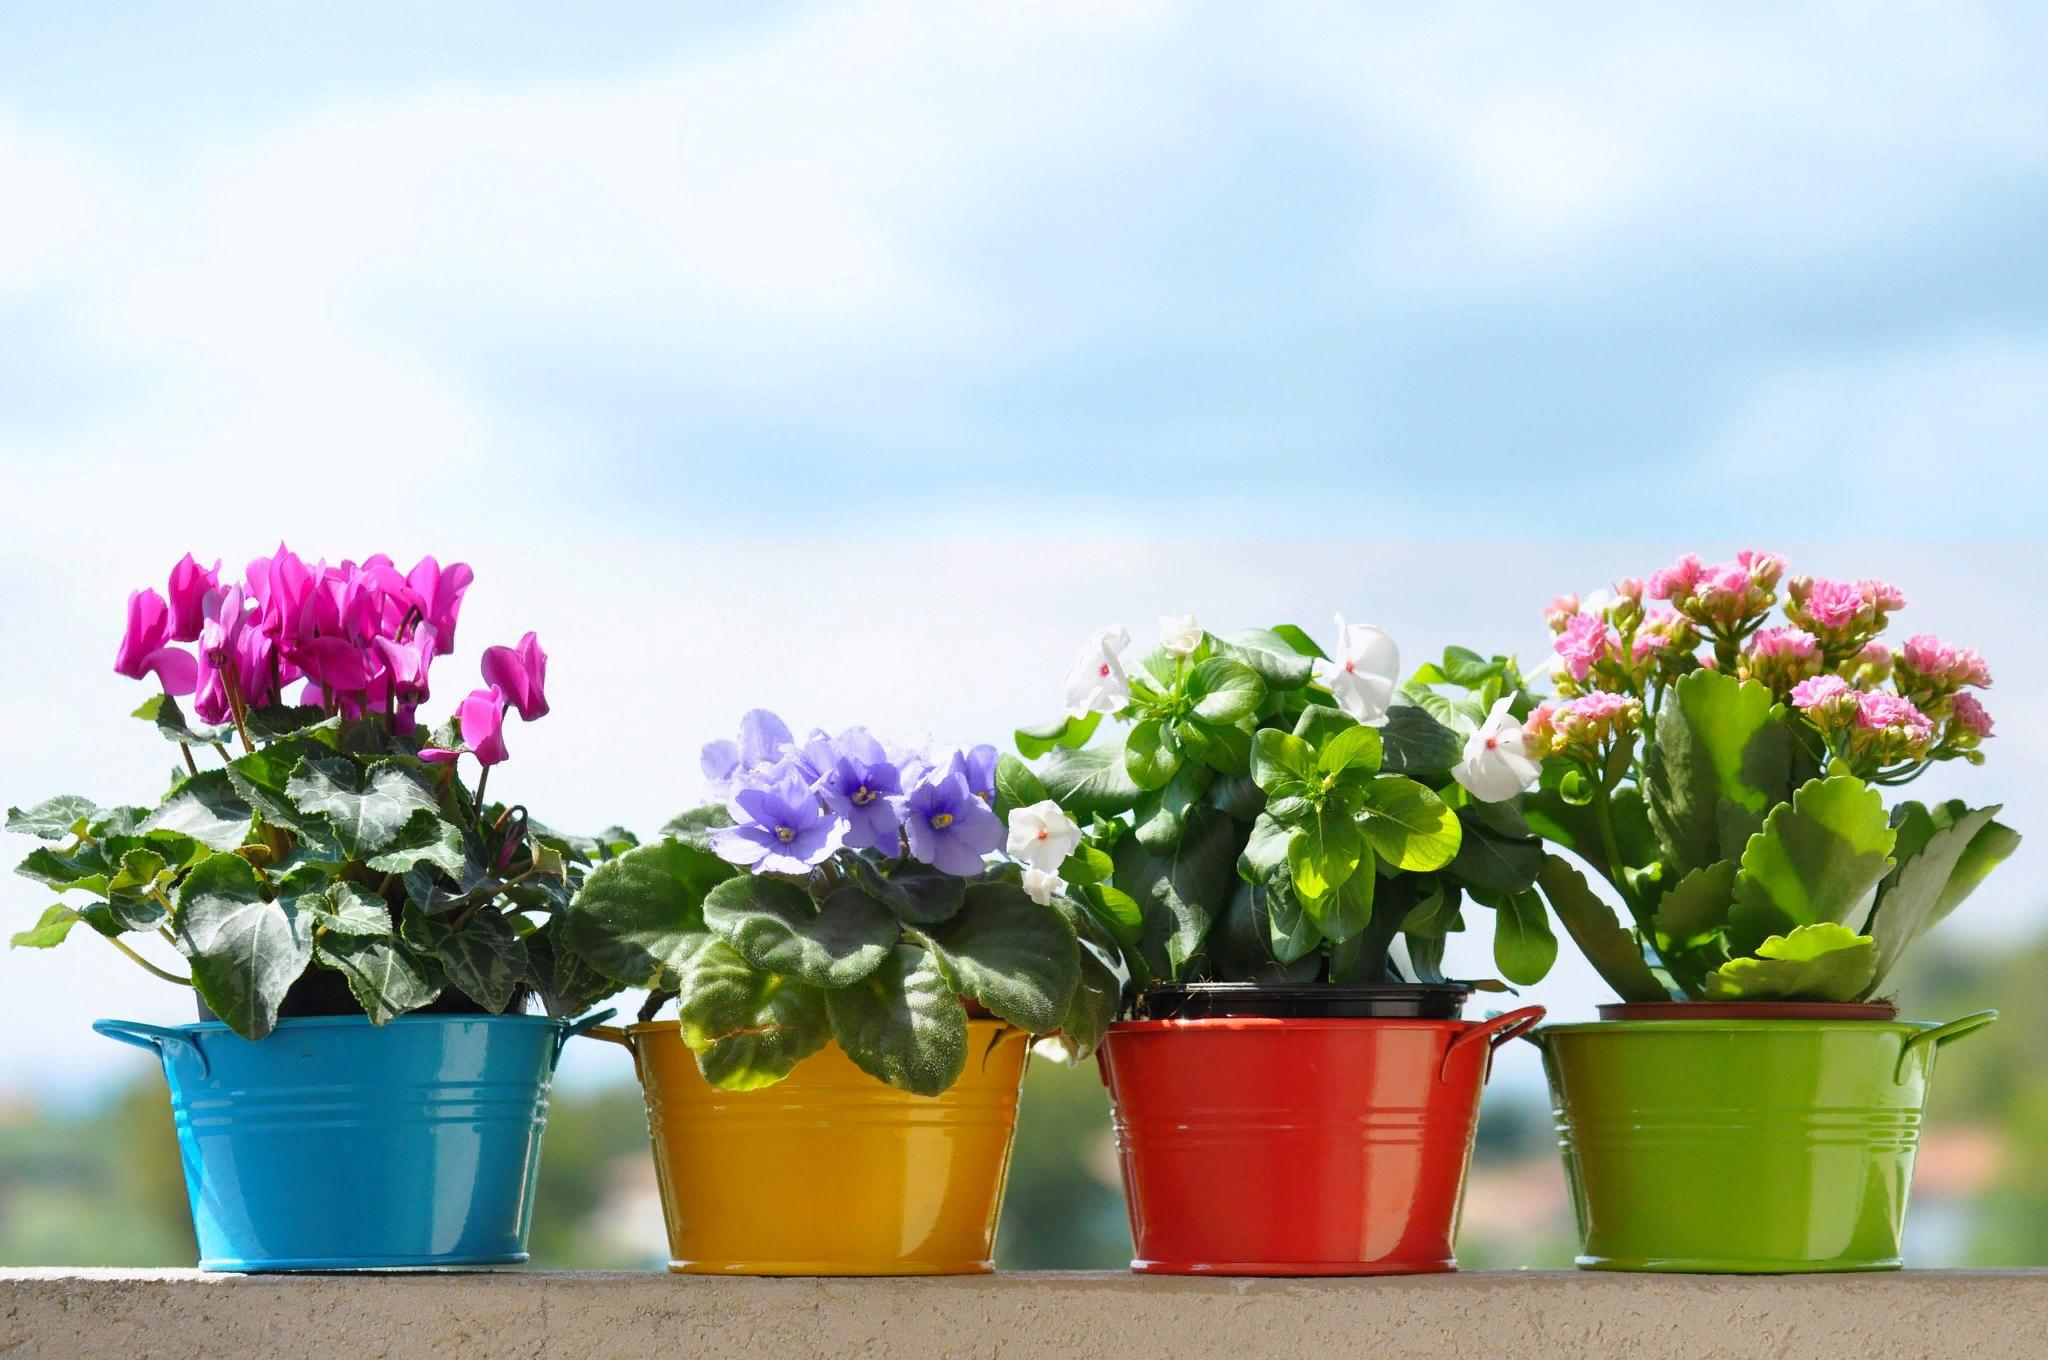 25 видов запрещенных цветов: почему их нельзя держать дома и какие приметы существуют